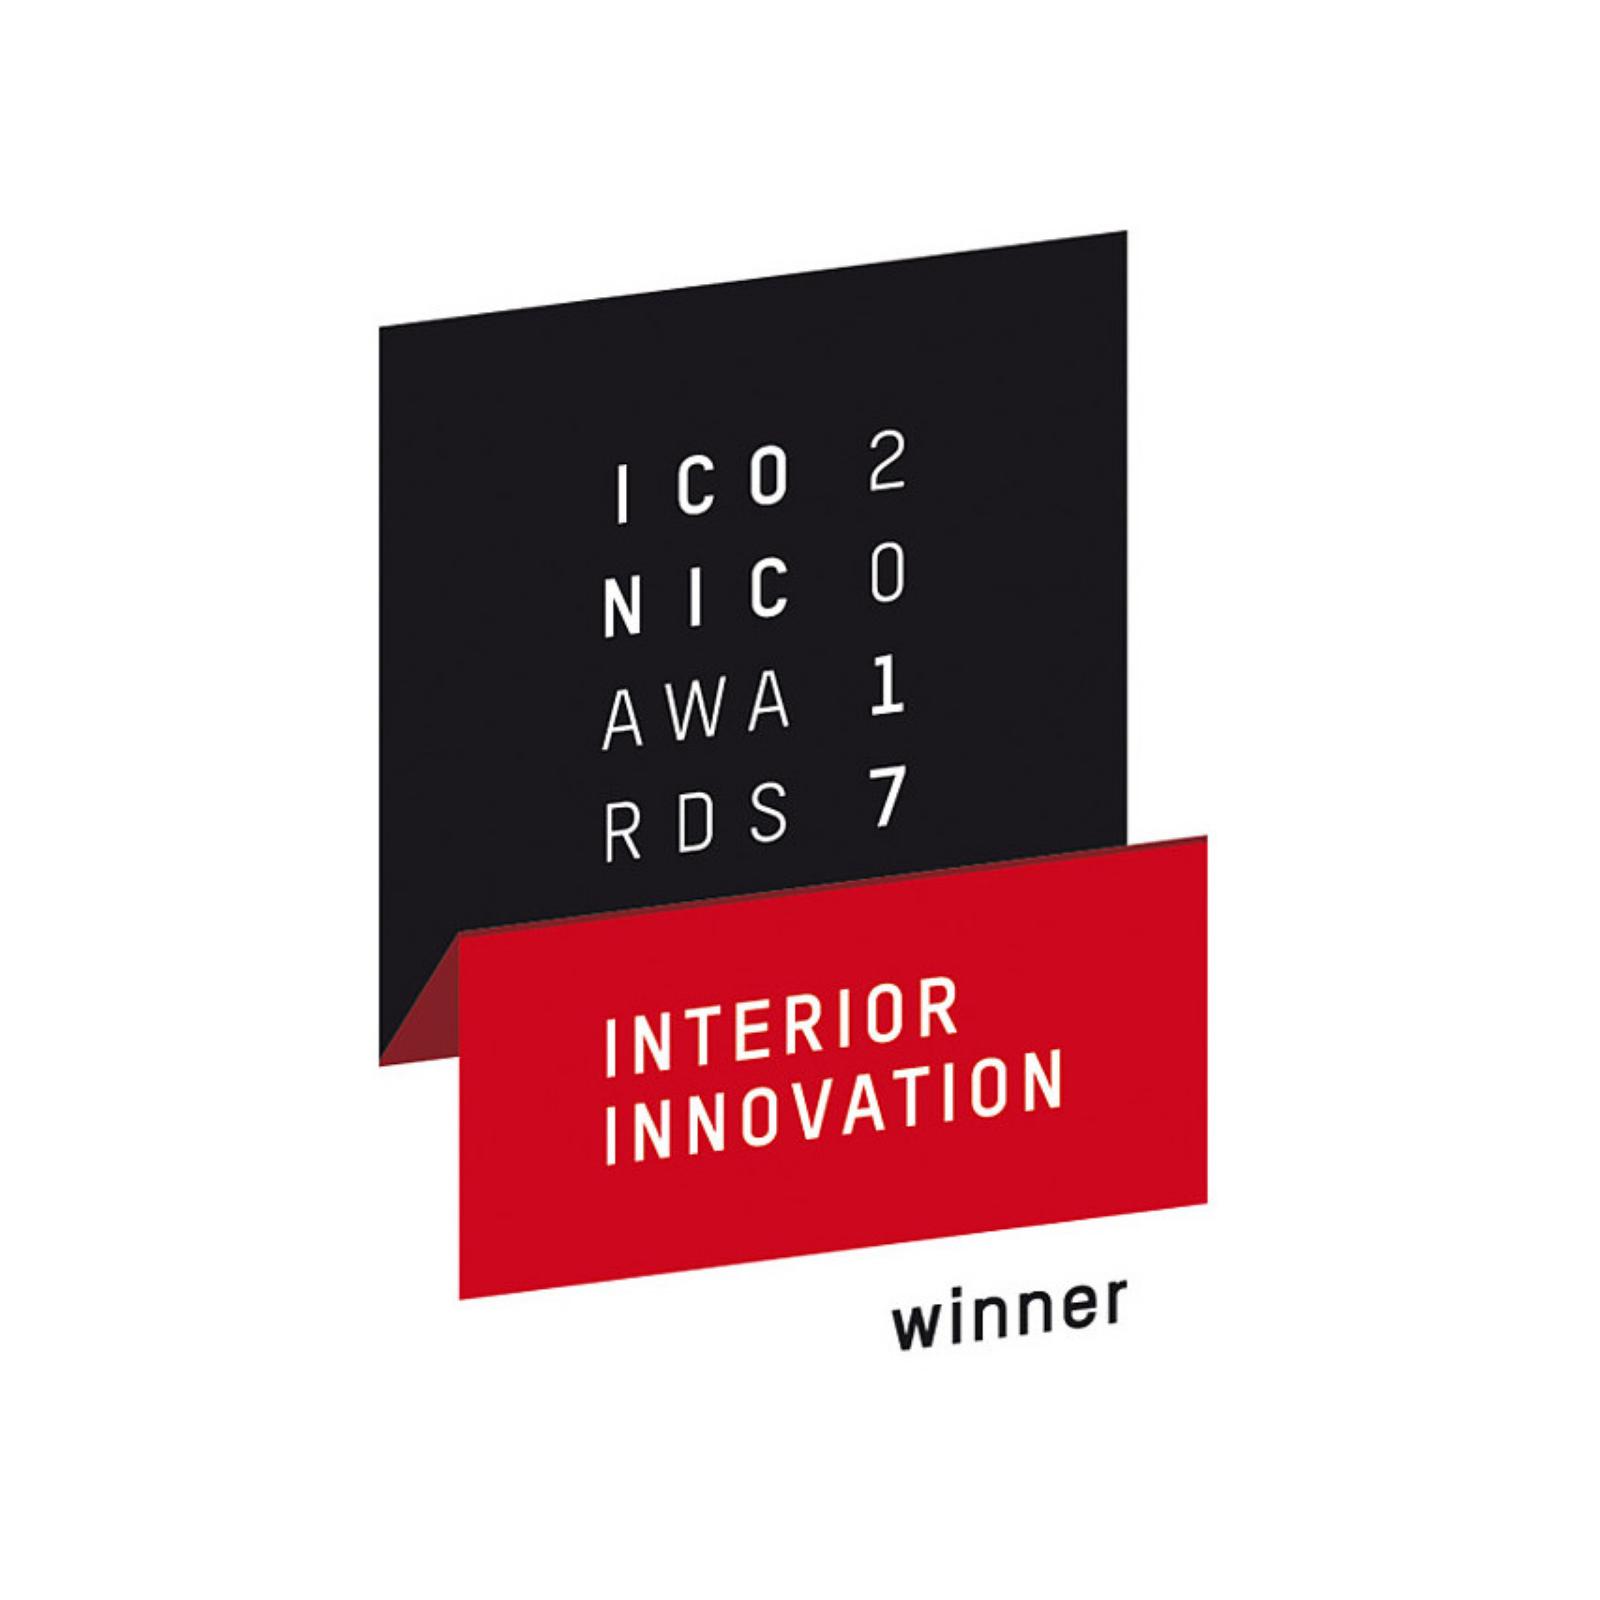 Iconic Awards 2017 - Interior Innovation Winner